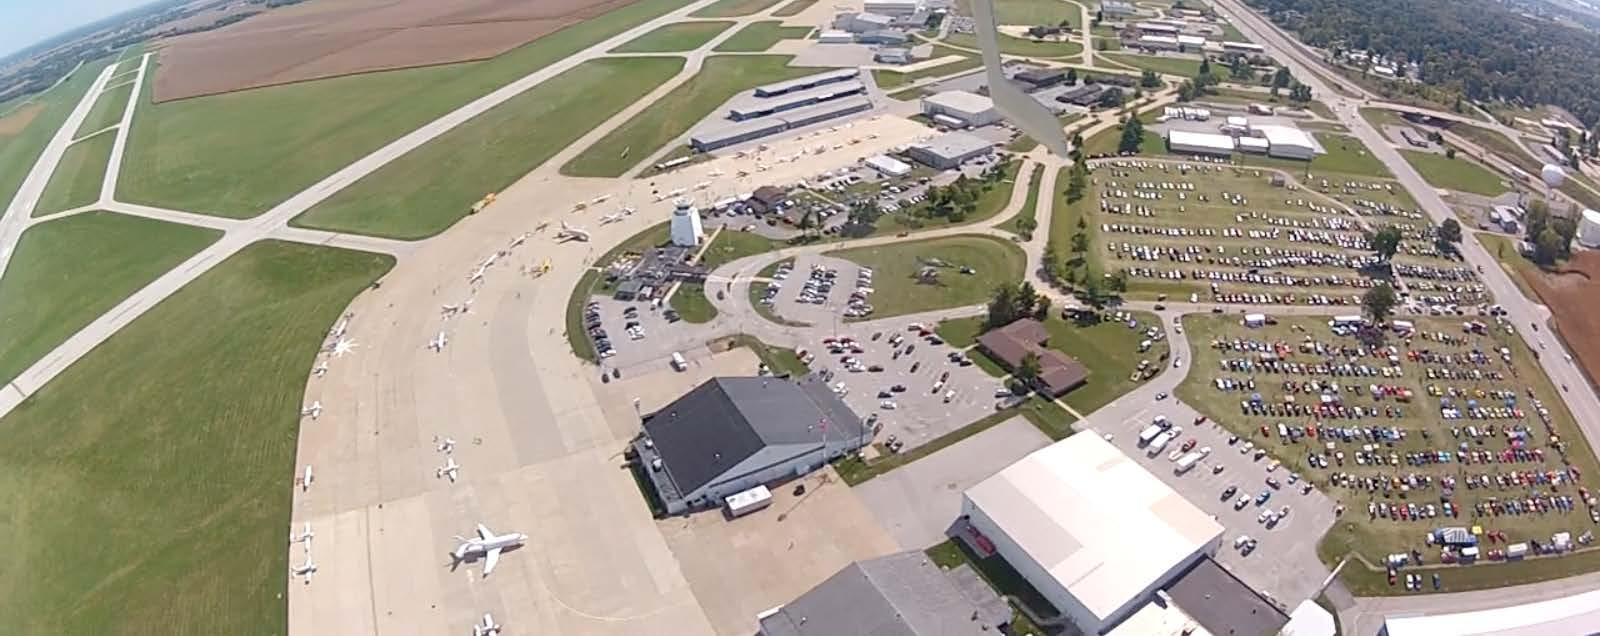 p16 airport